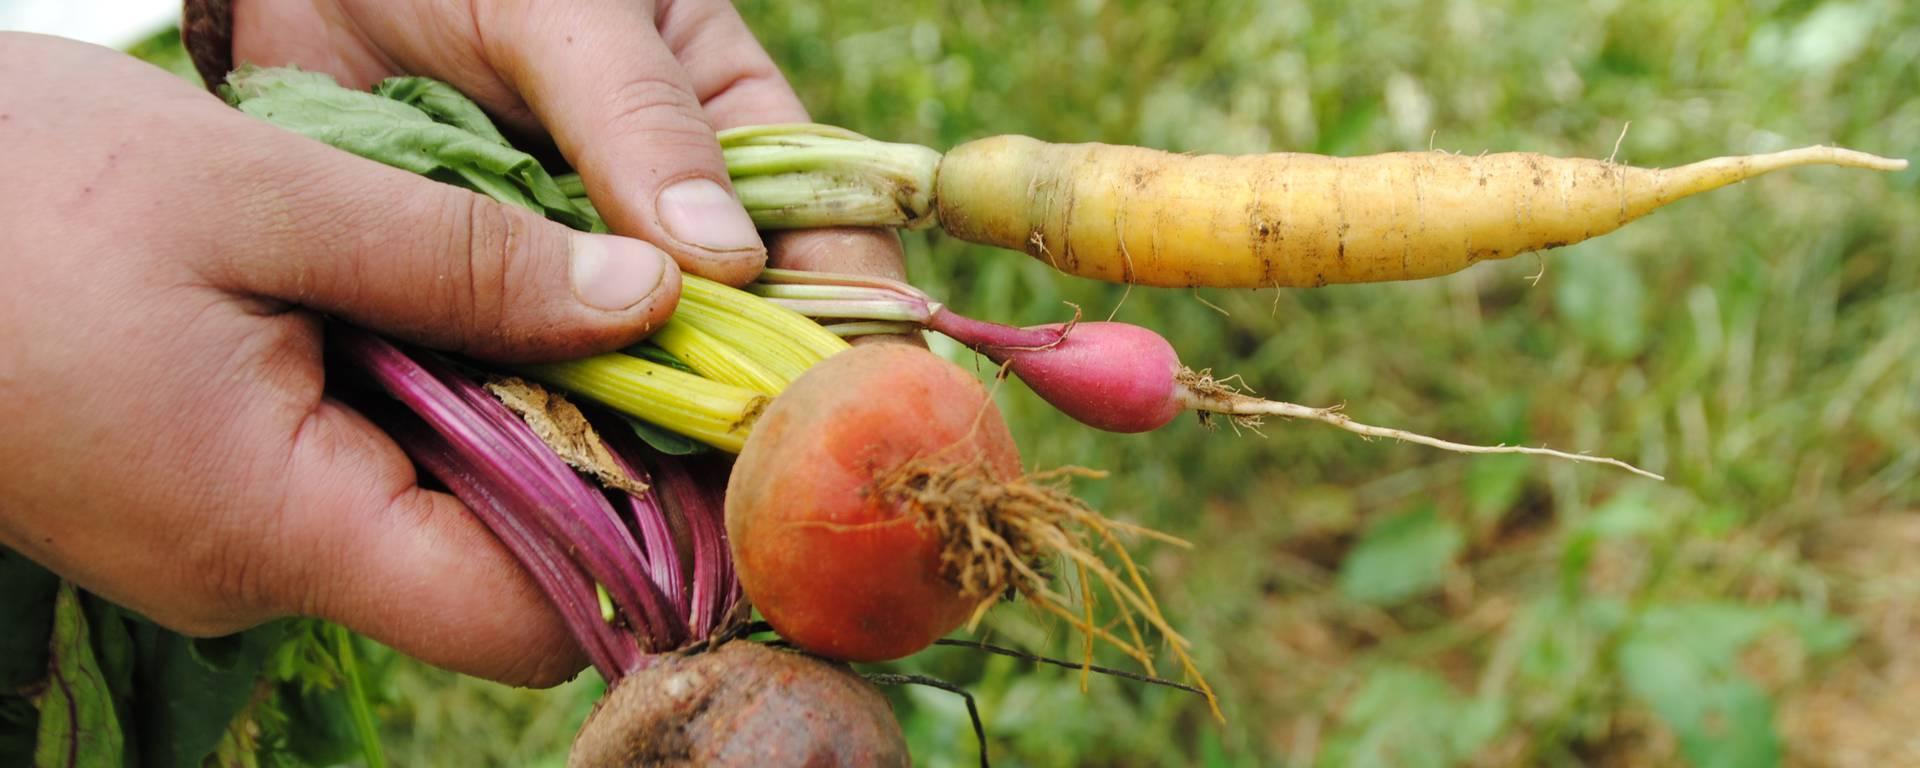 Légumes de la ferme - © Office de Tourisme du Pays de Mugron